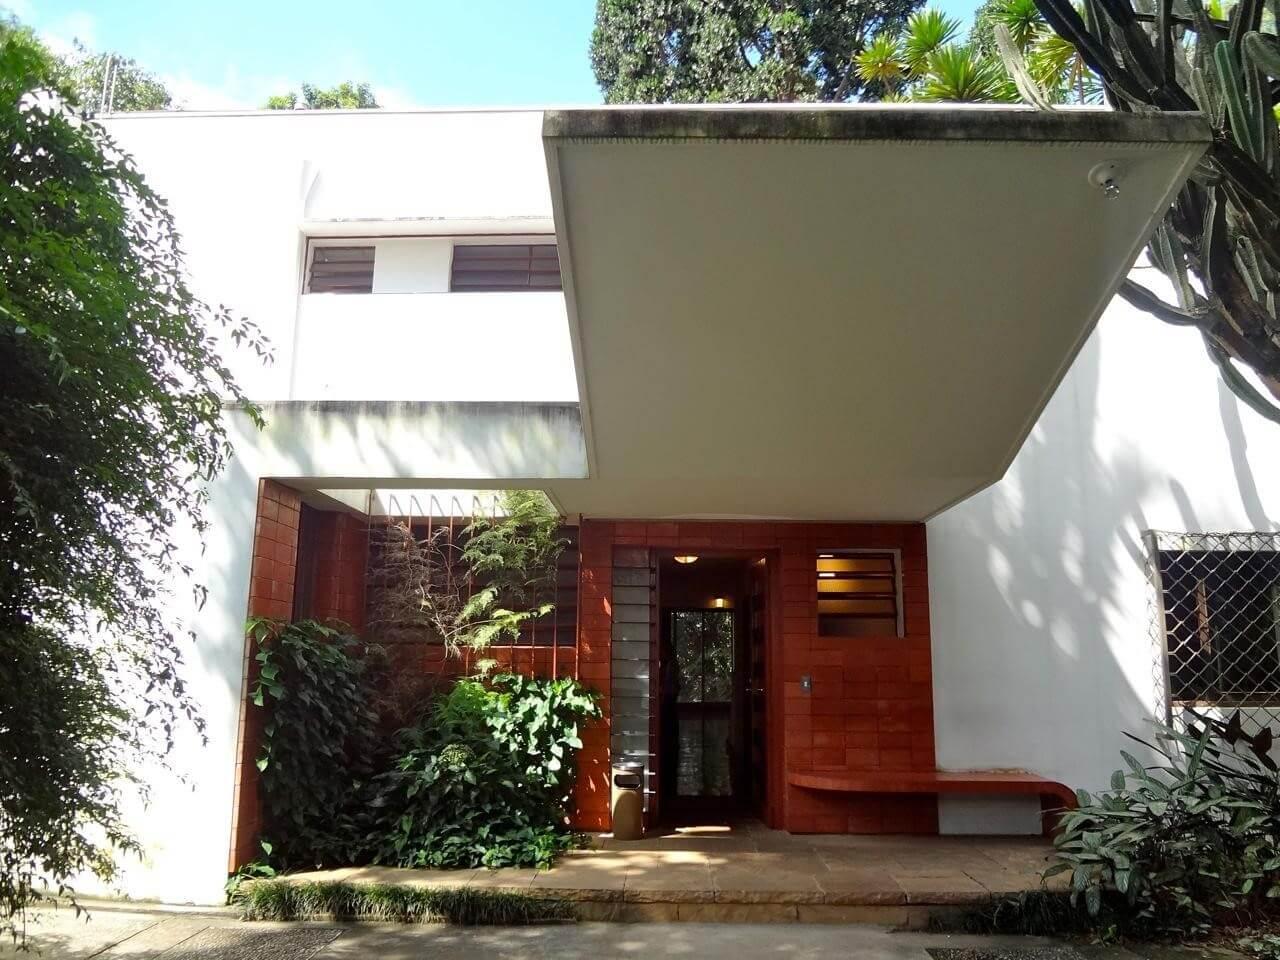 Construída em 1927, na Chácara Klabin, a Casa Modernista foi a primeira construção do movimento no Brasil e hoje abriga um acervo e um parque, aberto à visitação.